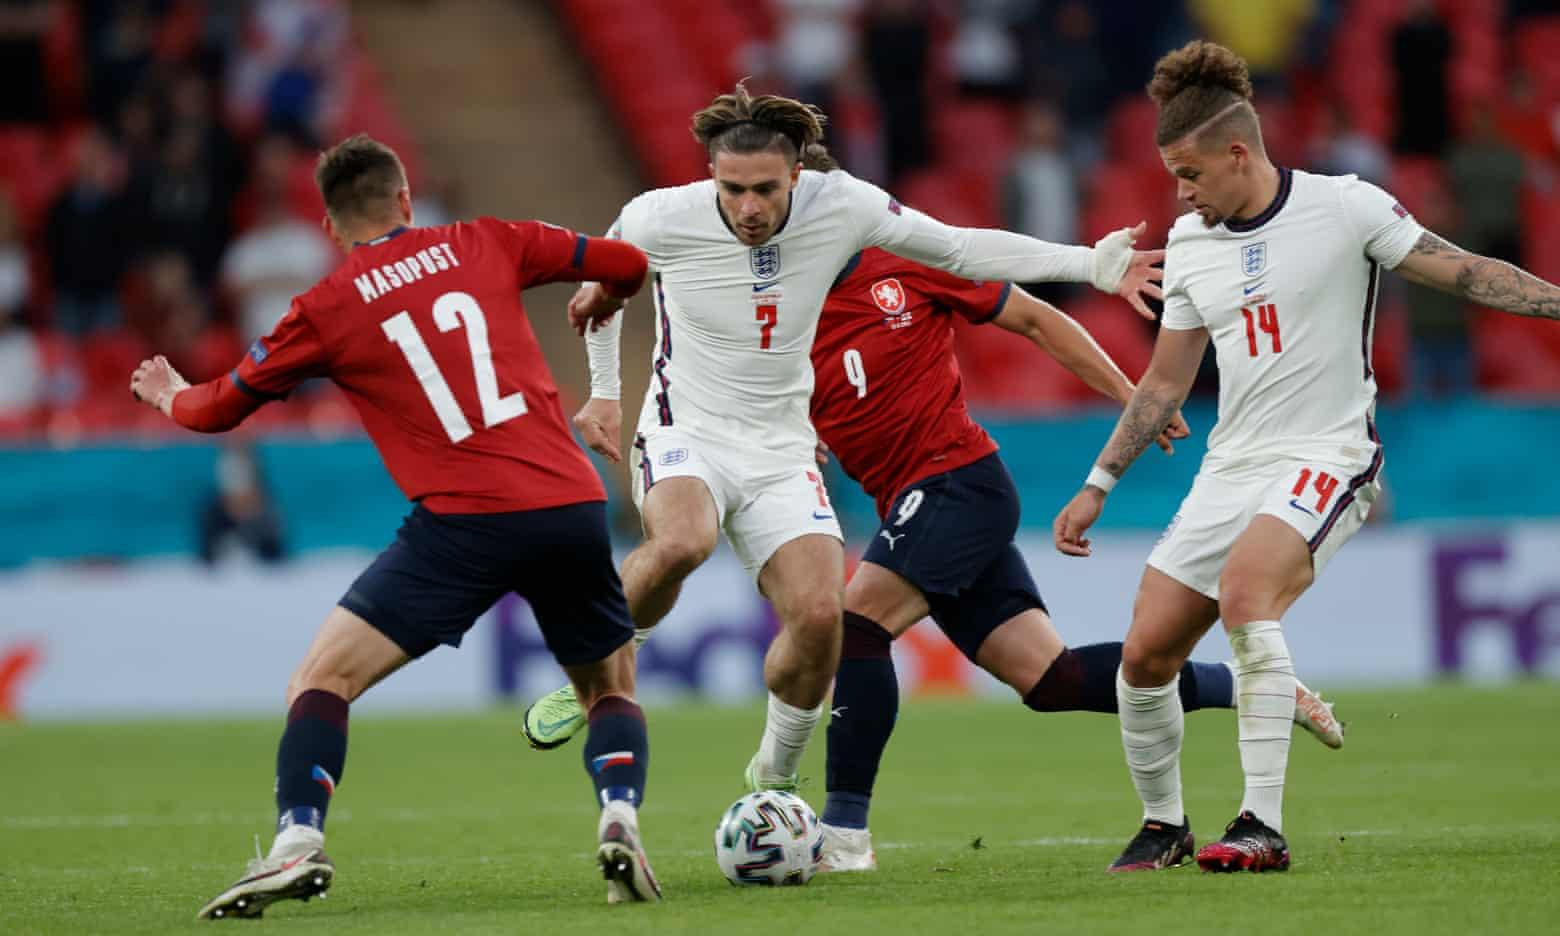 Grealish đá chính, mang lại xung lượng mới cho mặt trận tấn công của tuyển Anh. Ảnh: Guardian